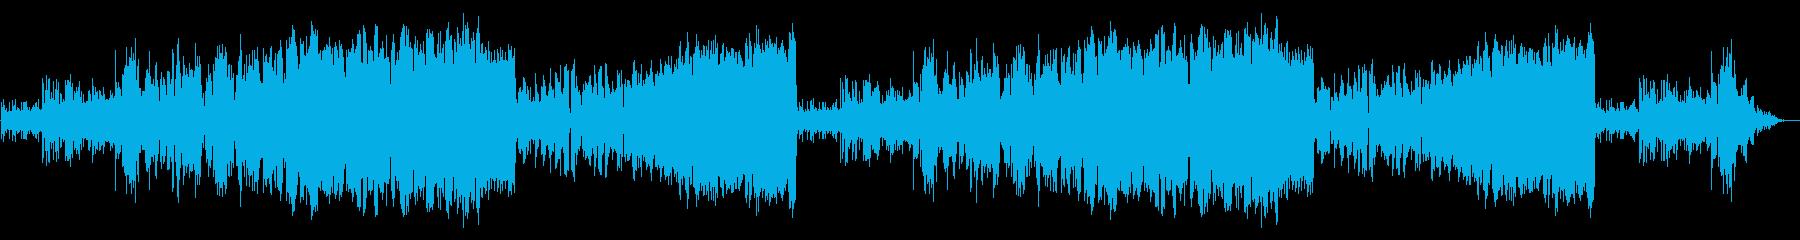 「始まり」を予感させる爽やかなオケ曲の再生済みの波形